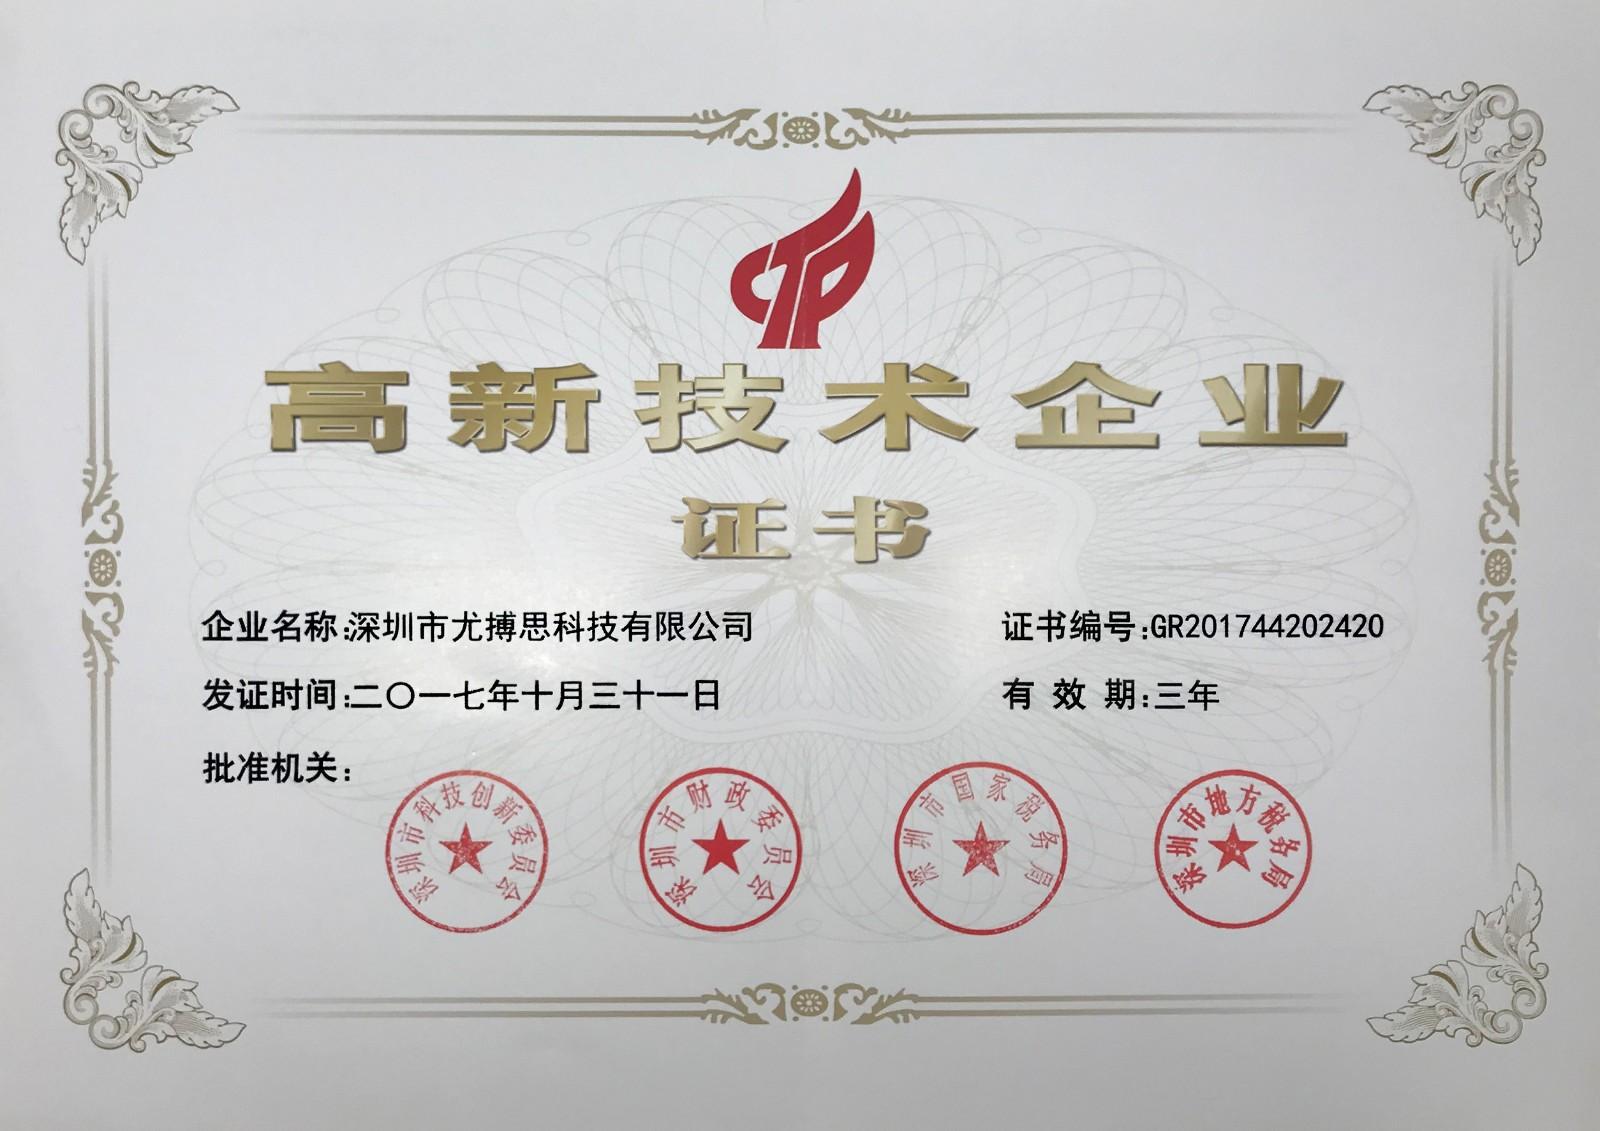 高新证书|资质荣誉-深圳市尤搏思科技有限公司                            全国服务热线:0755-85215758